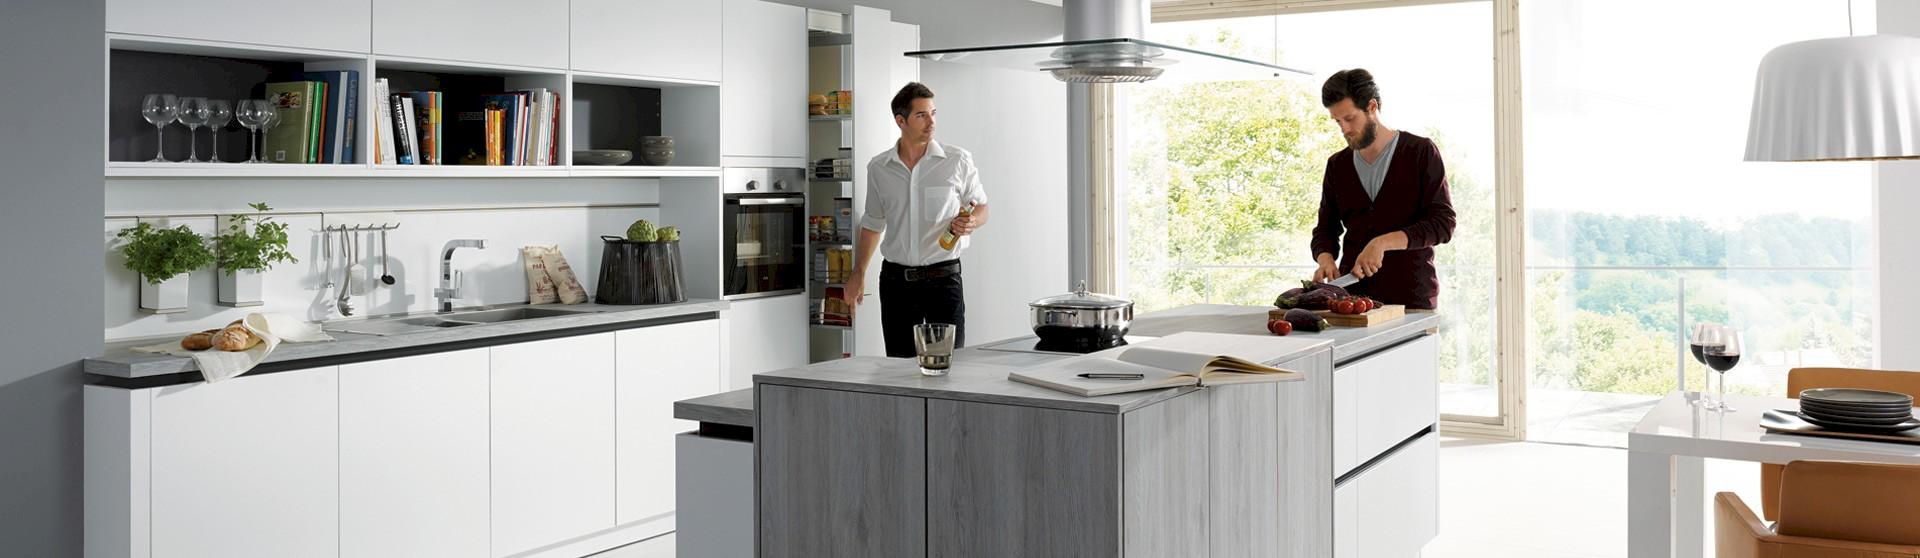 Berühmt Kaufen Modulare Küchenschränke Online India Bilder - Küche ...